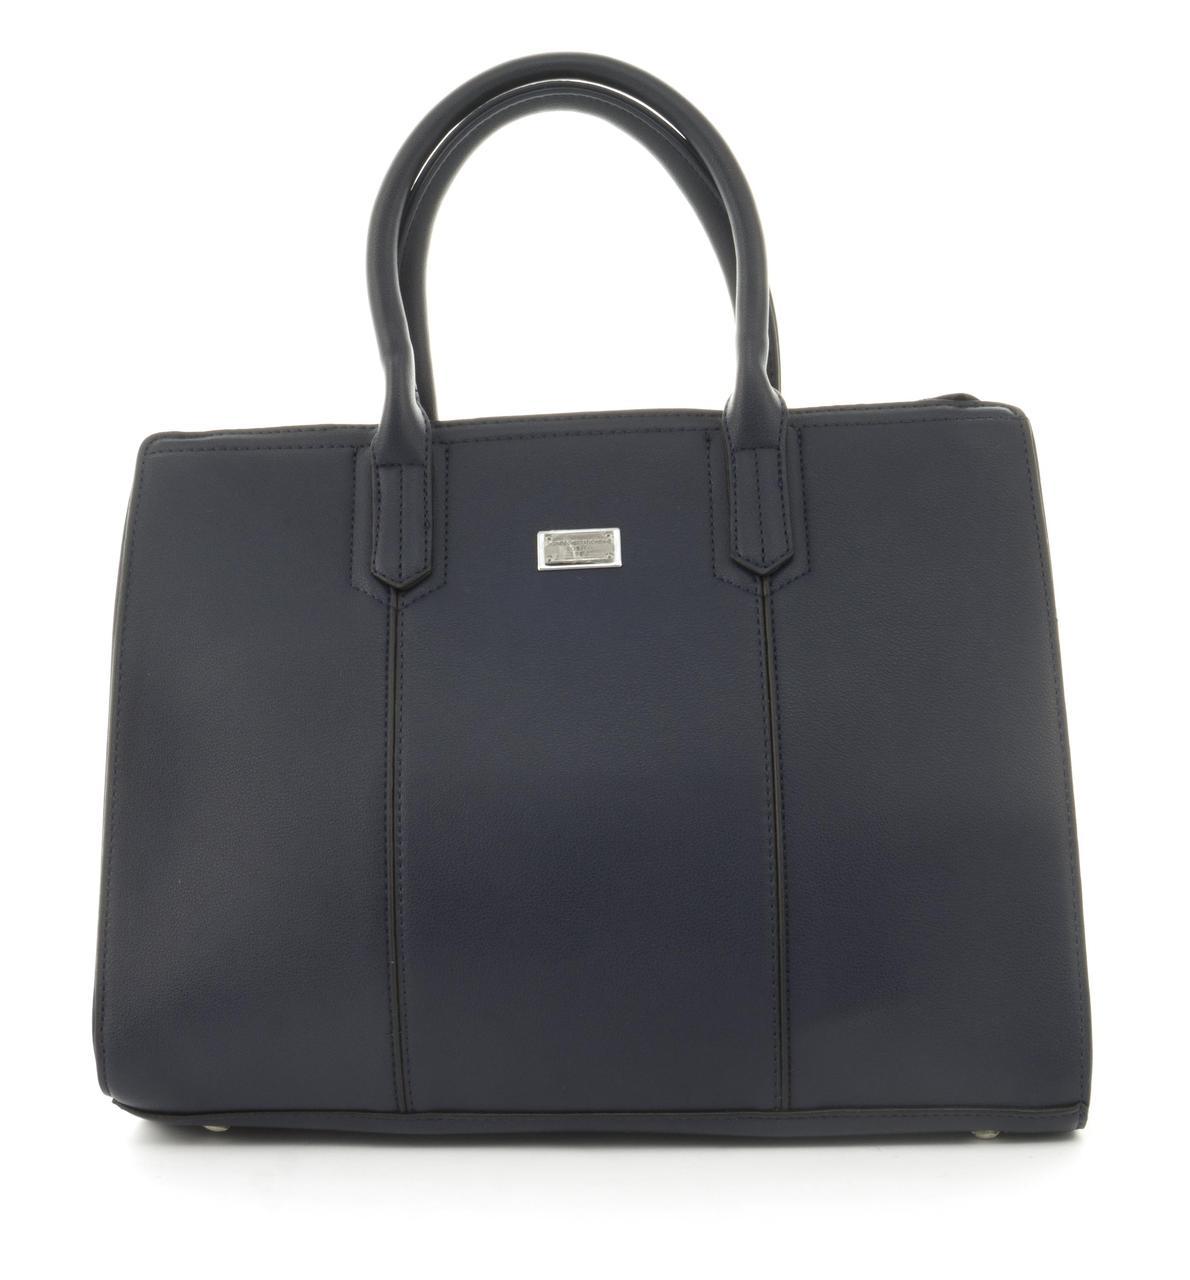 Оригинальная каркасная прочная элегантная женская сумка высокого качества LUSHA art. 865887 синяя